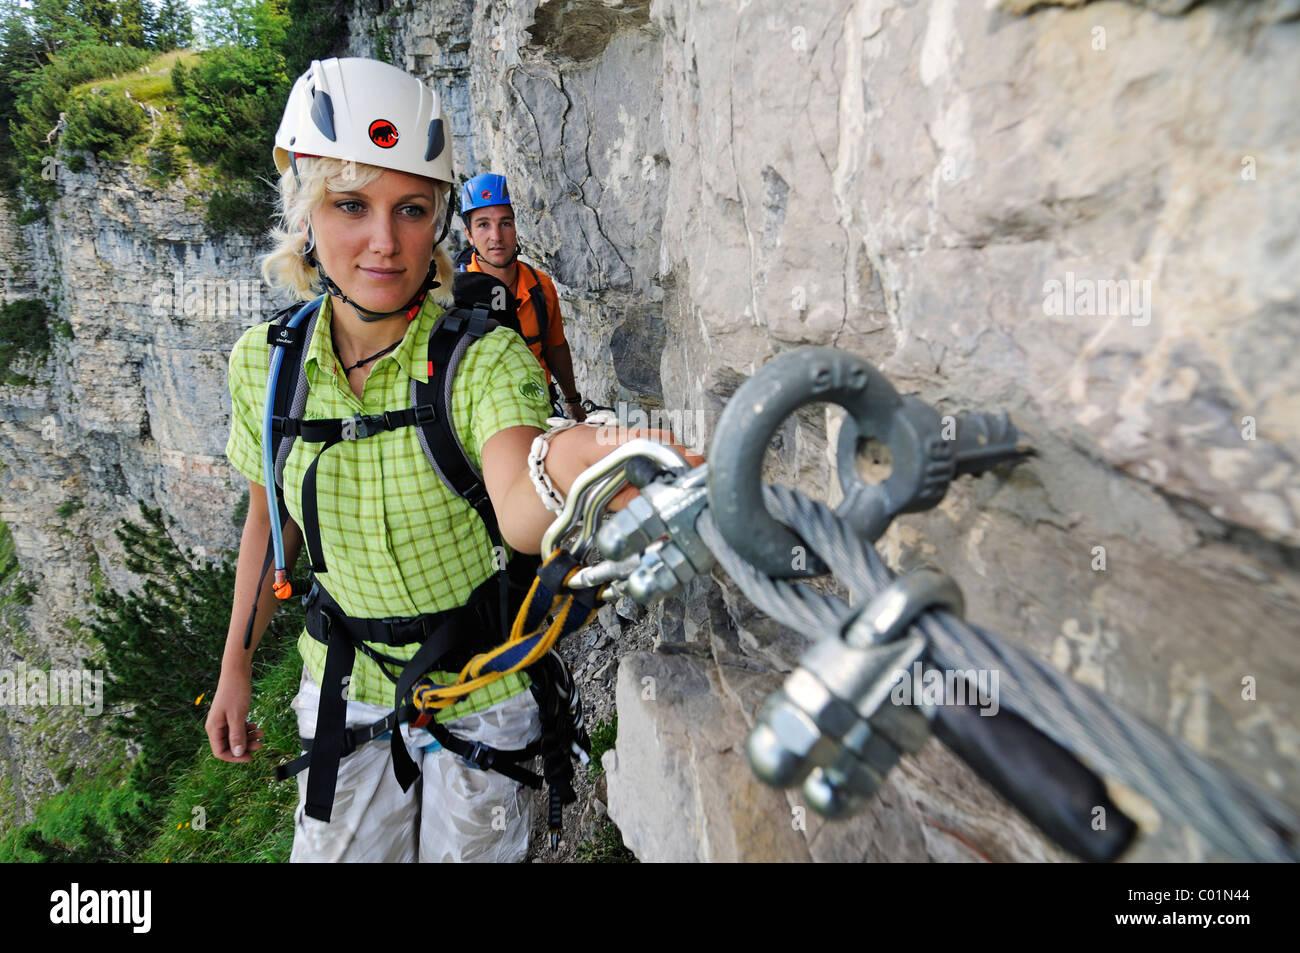 Kletterausrüstung Outdoor : Kletterausrüstung stockfotos bilder alamy